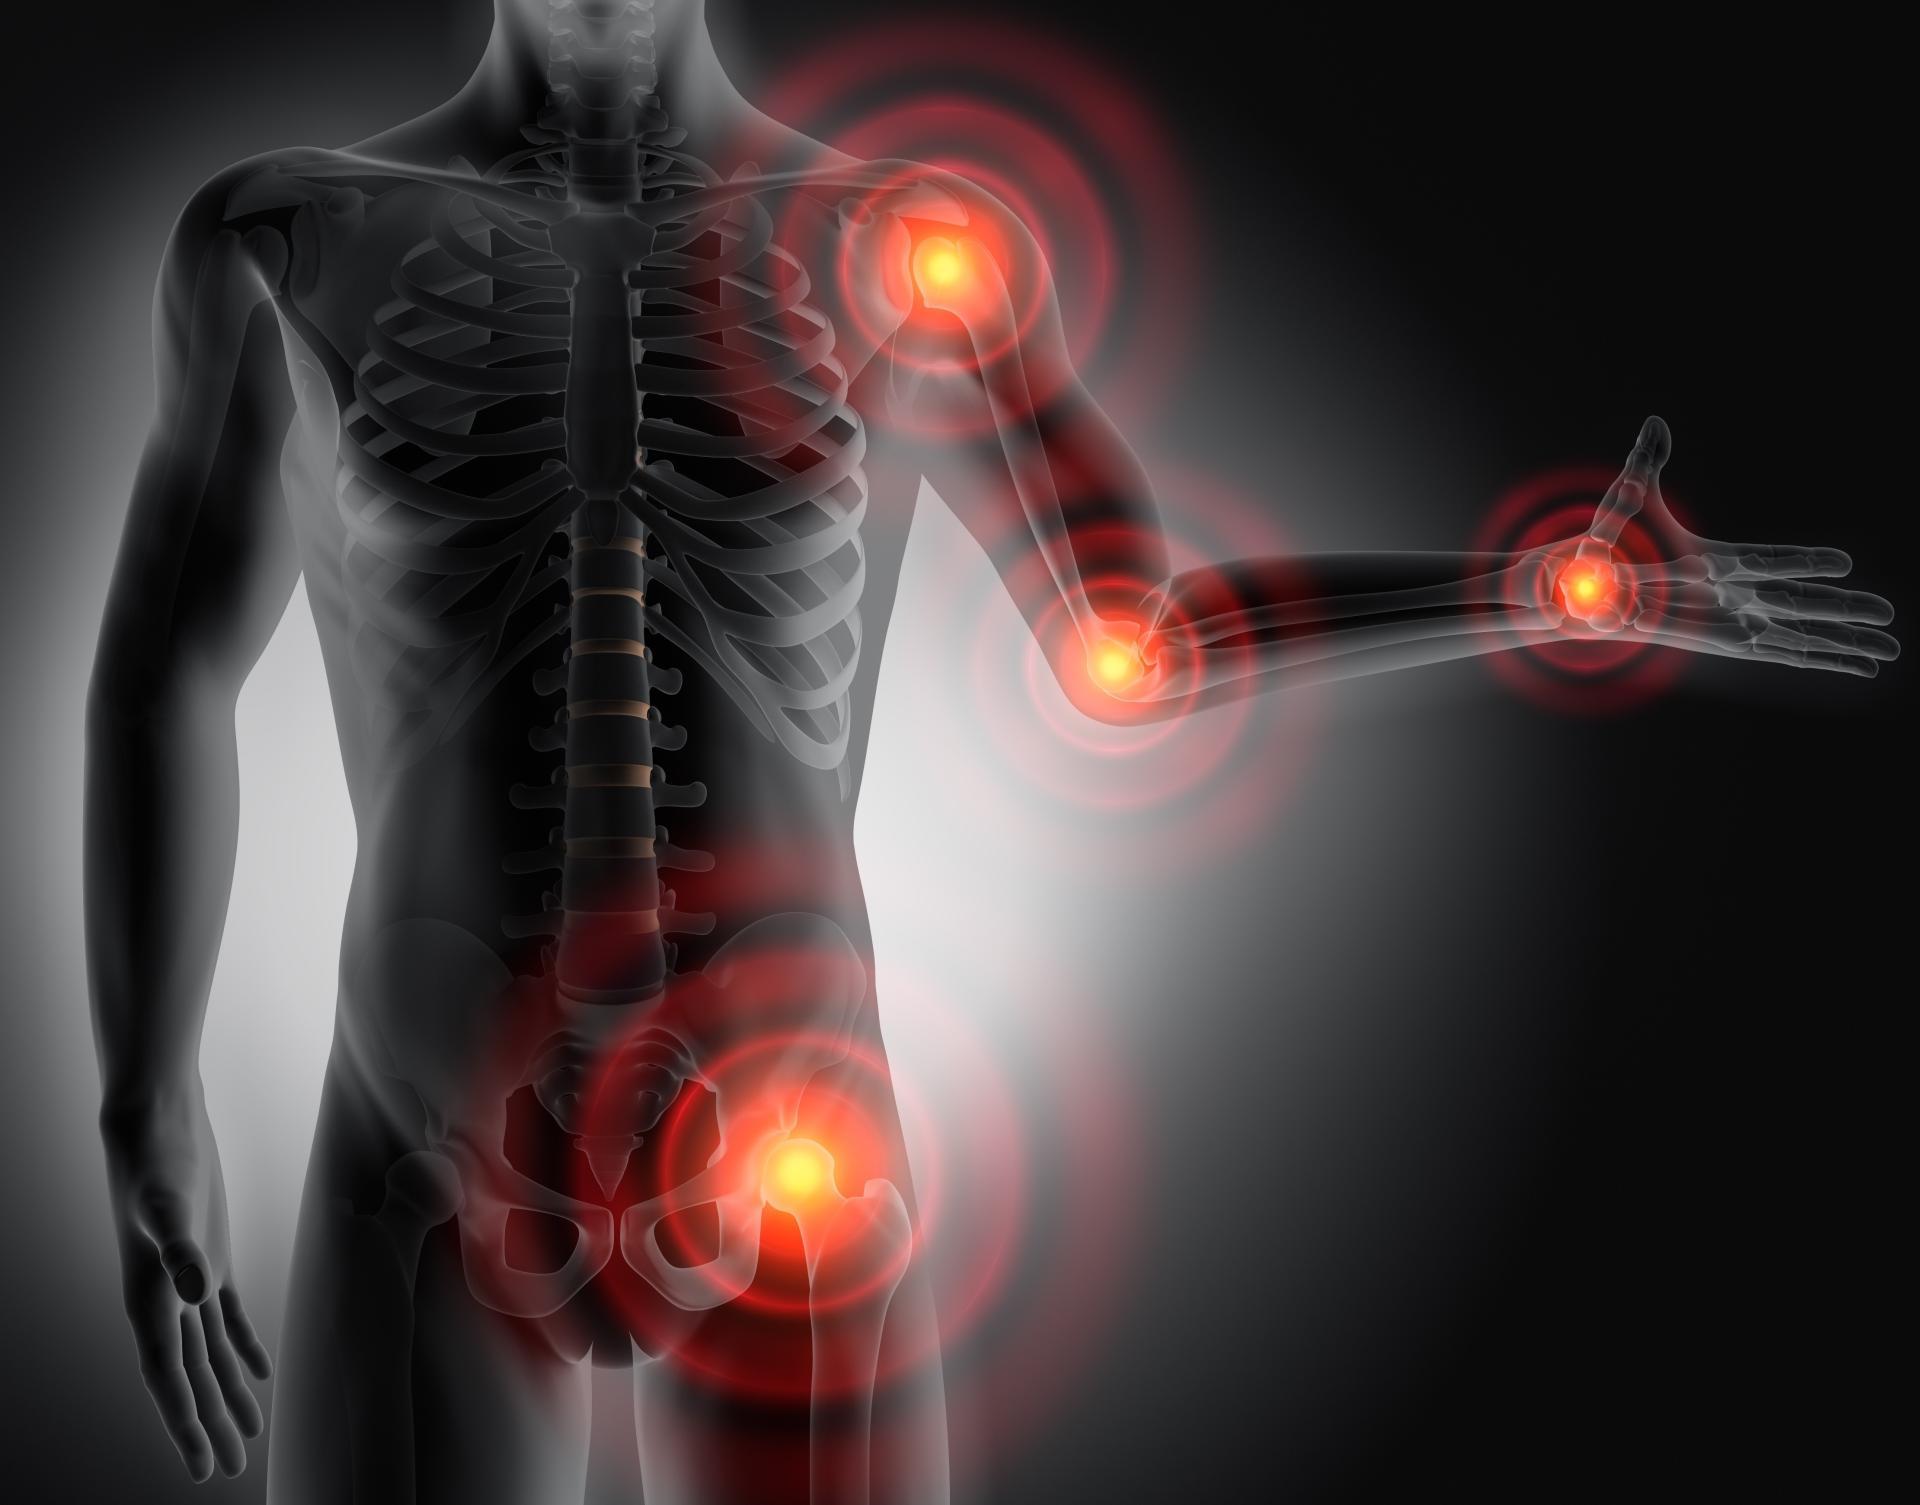 Rheumatoide Arthritis (RA) ist die häufigste chronisch entzündliche Gelenkerkrankung, die durch fortschreitende Gelenk- und Knochenzerstörung gekennzeichnet ist.